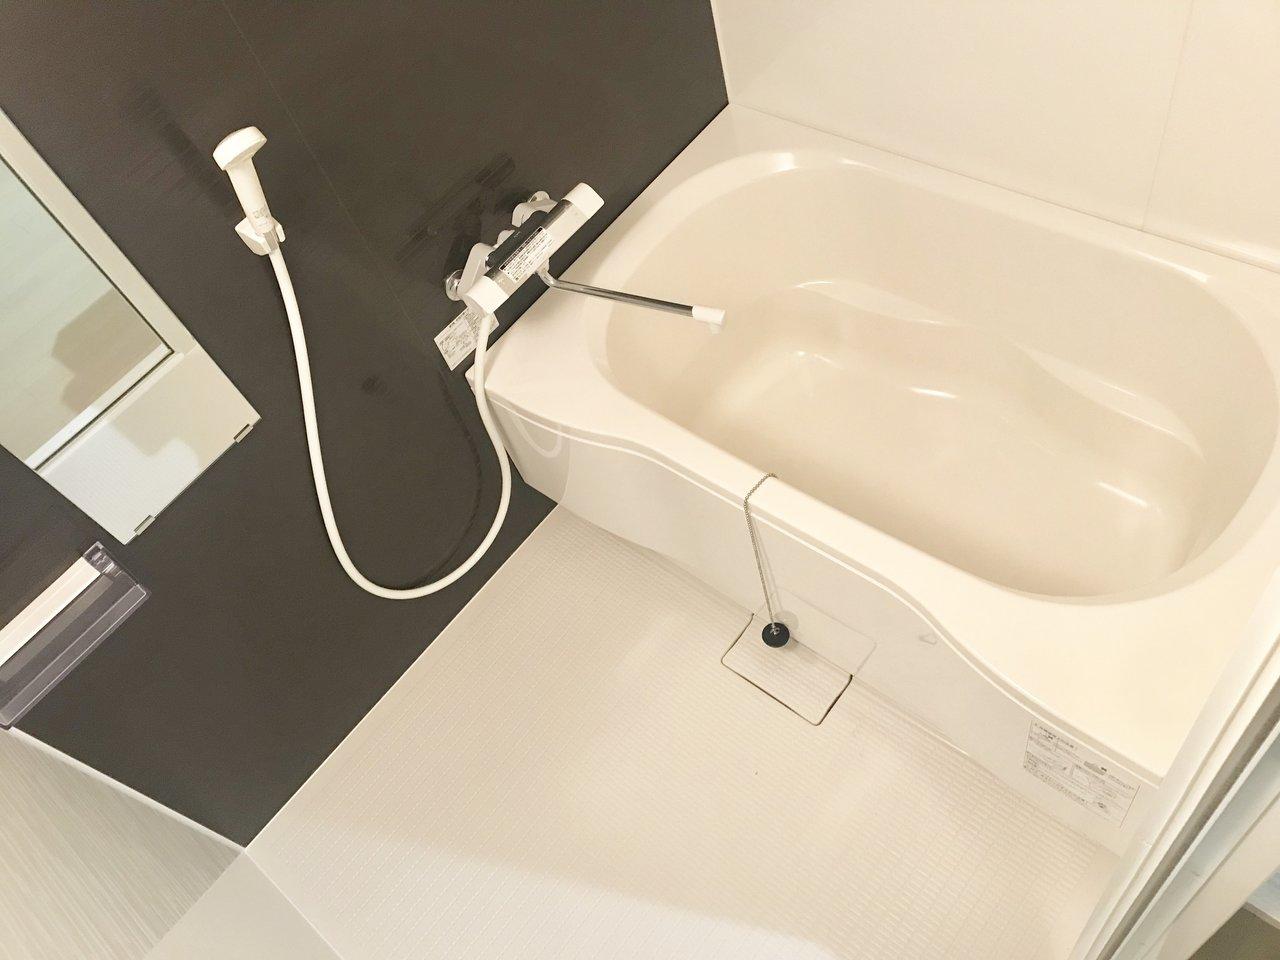 築年数はだいぶ古いお部屋ですが、なんとお風呂とトイレが新品になっています。水回りが綺麗だと、お部屋の価値もグンと上がりますね。